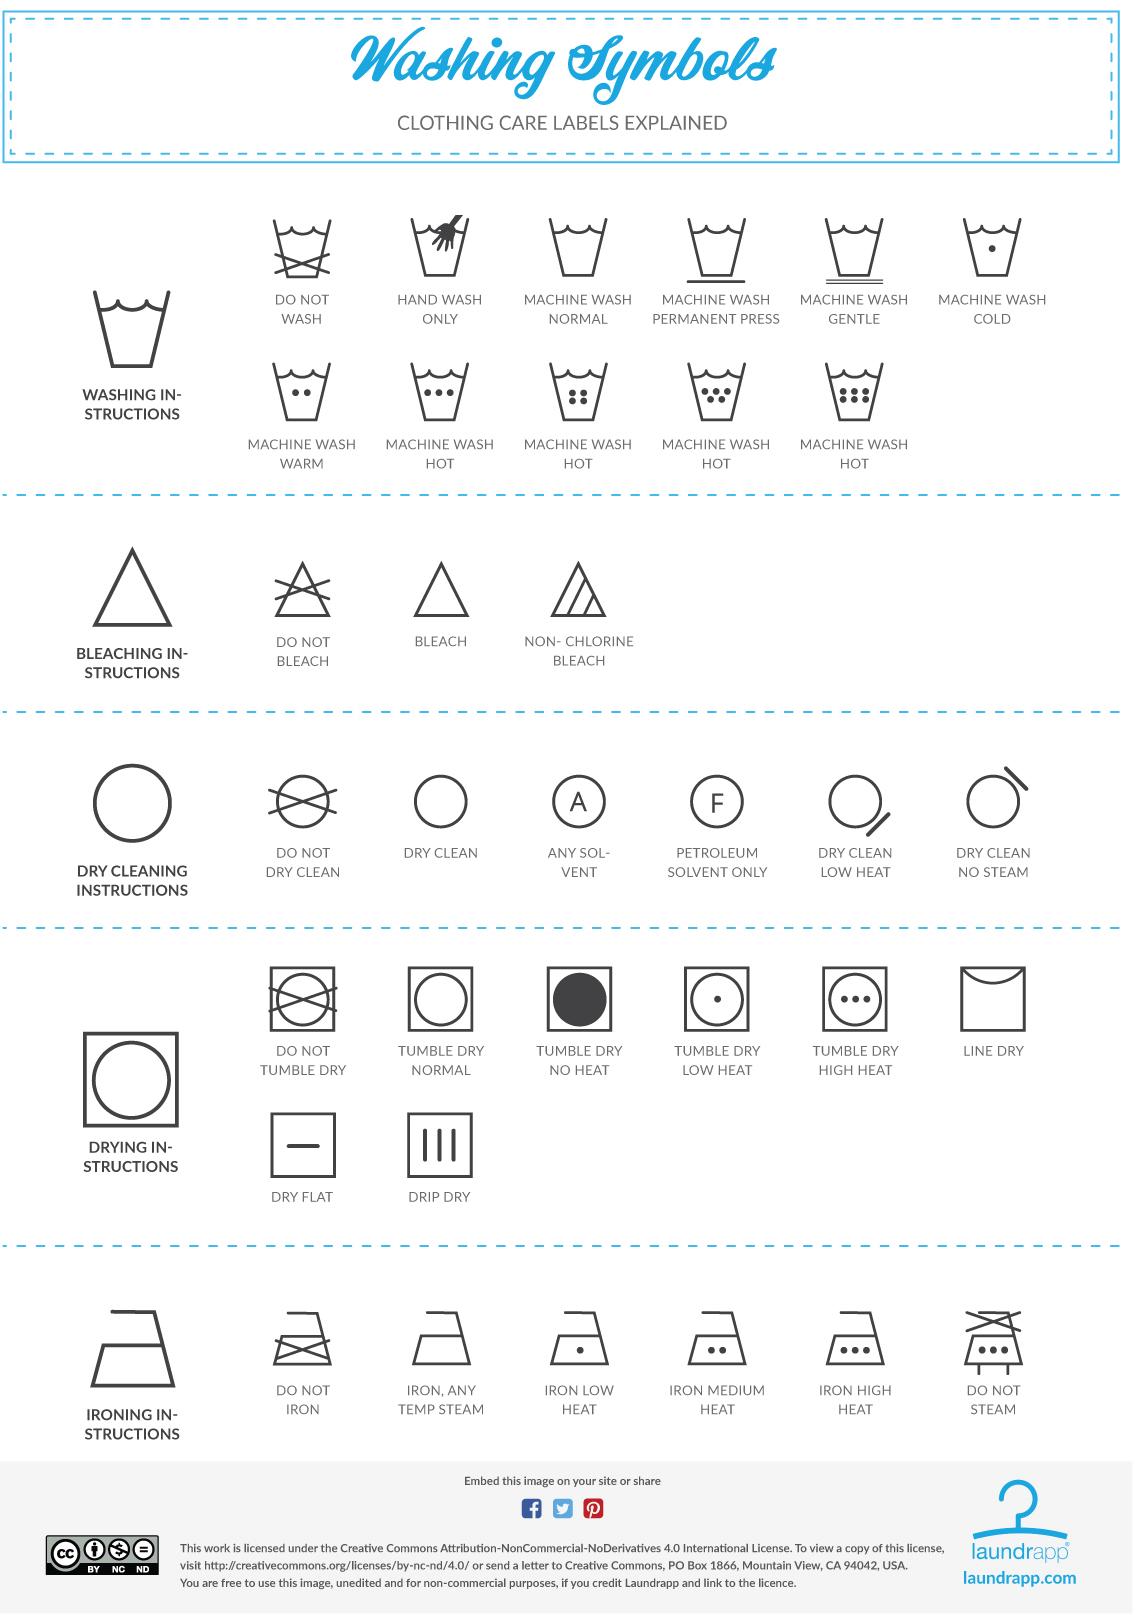 laundry symbols laundrapplaundrapp